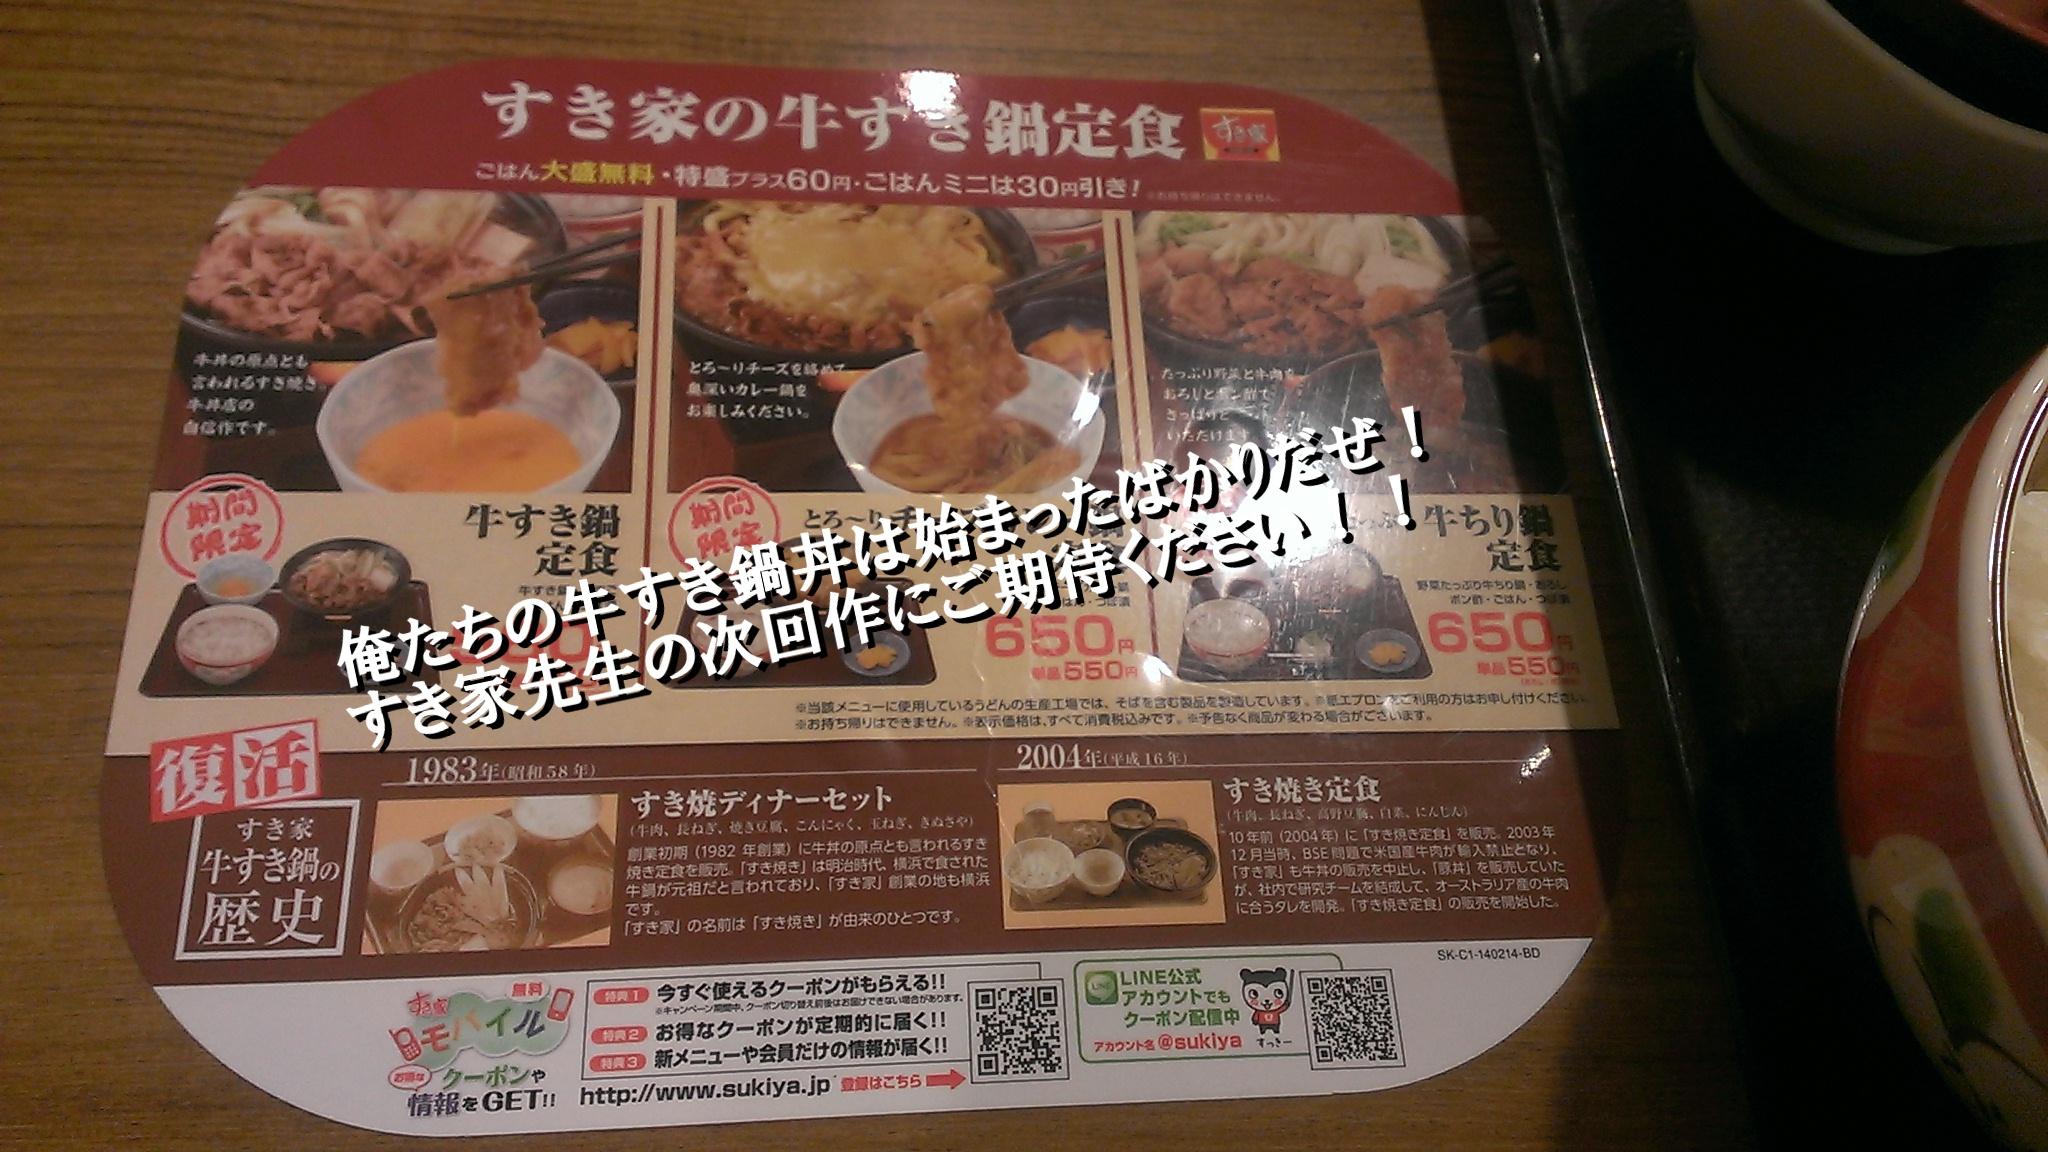 俺たちの牛すき鍋丼は始まったばかりだぜ! すき家先生の次回作にご期待ください